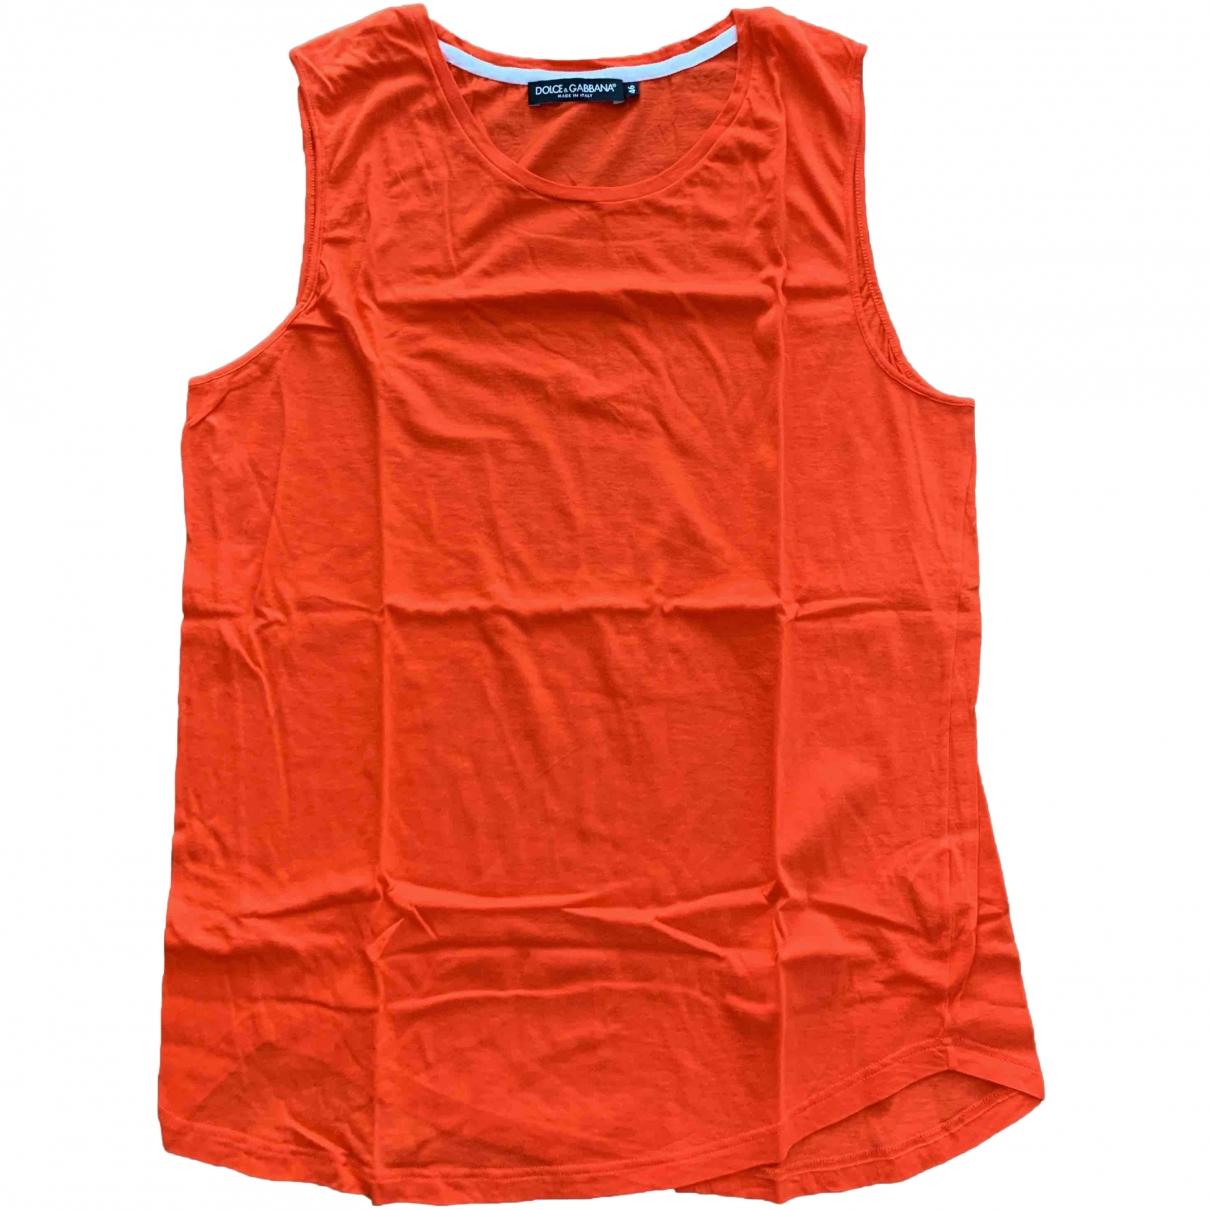 Dolce & Gabbana - Tee shirts   pour homme en coton - rouge